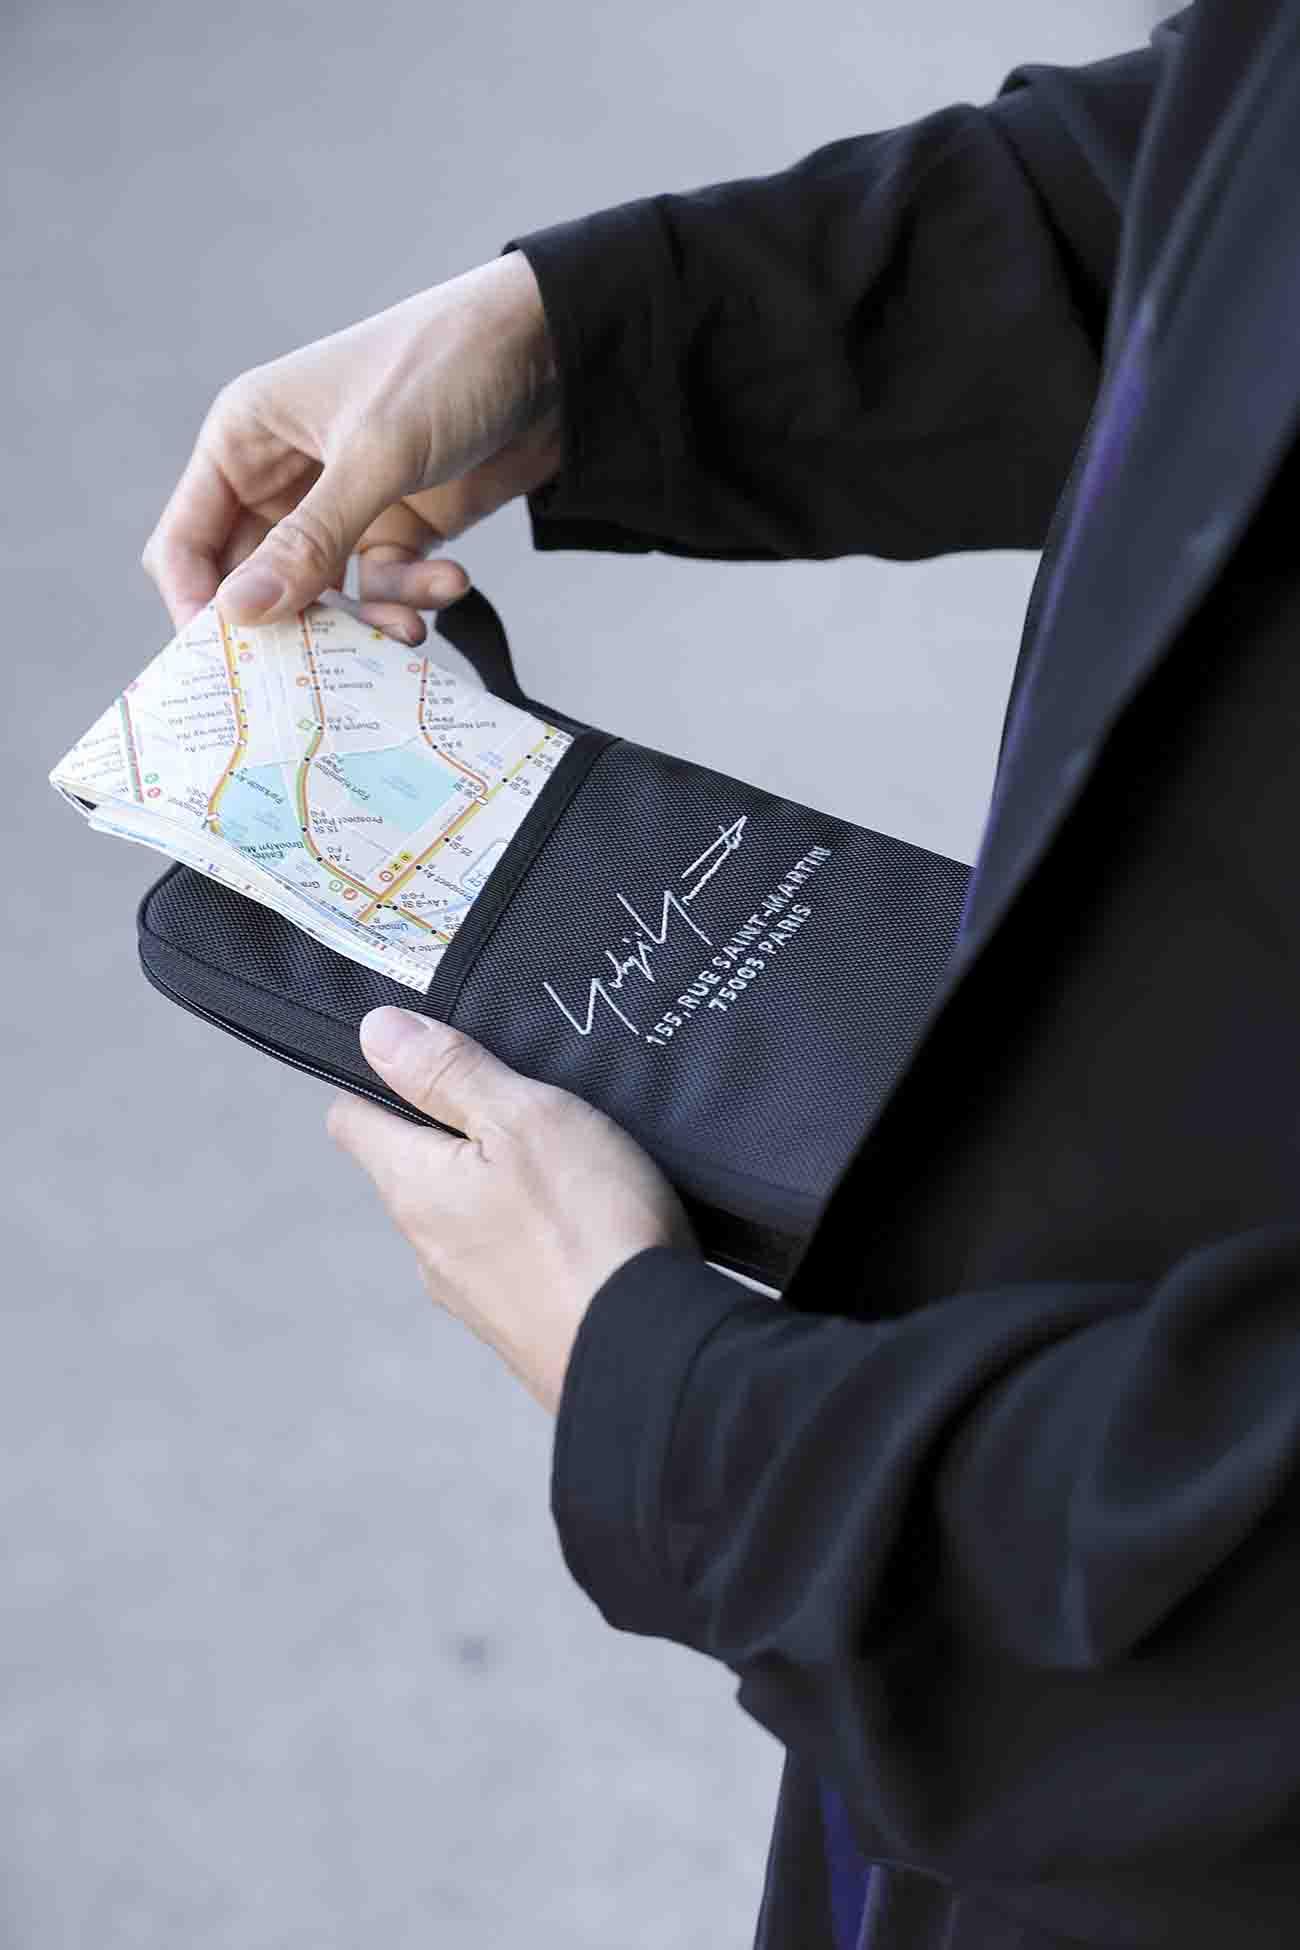 Yohji Yamamoto x New Era Passport Case